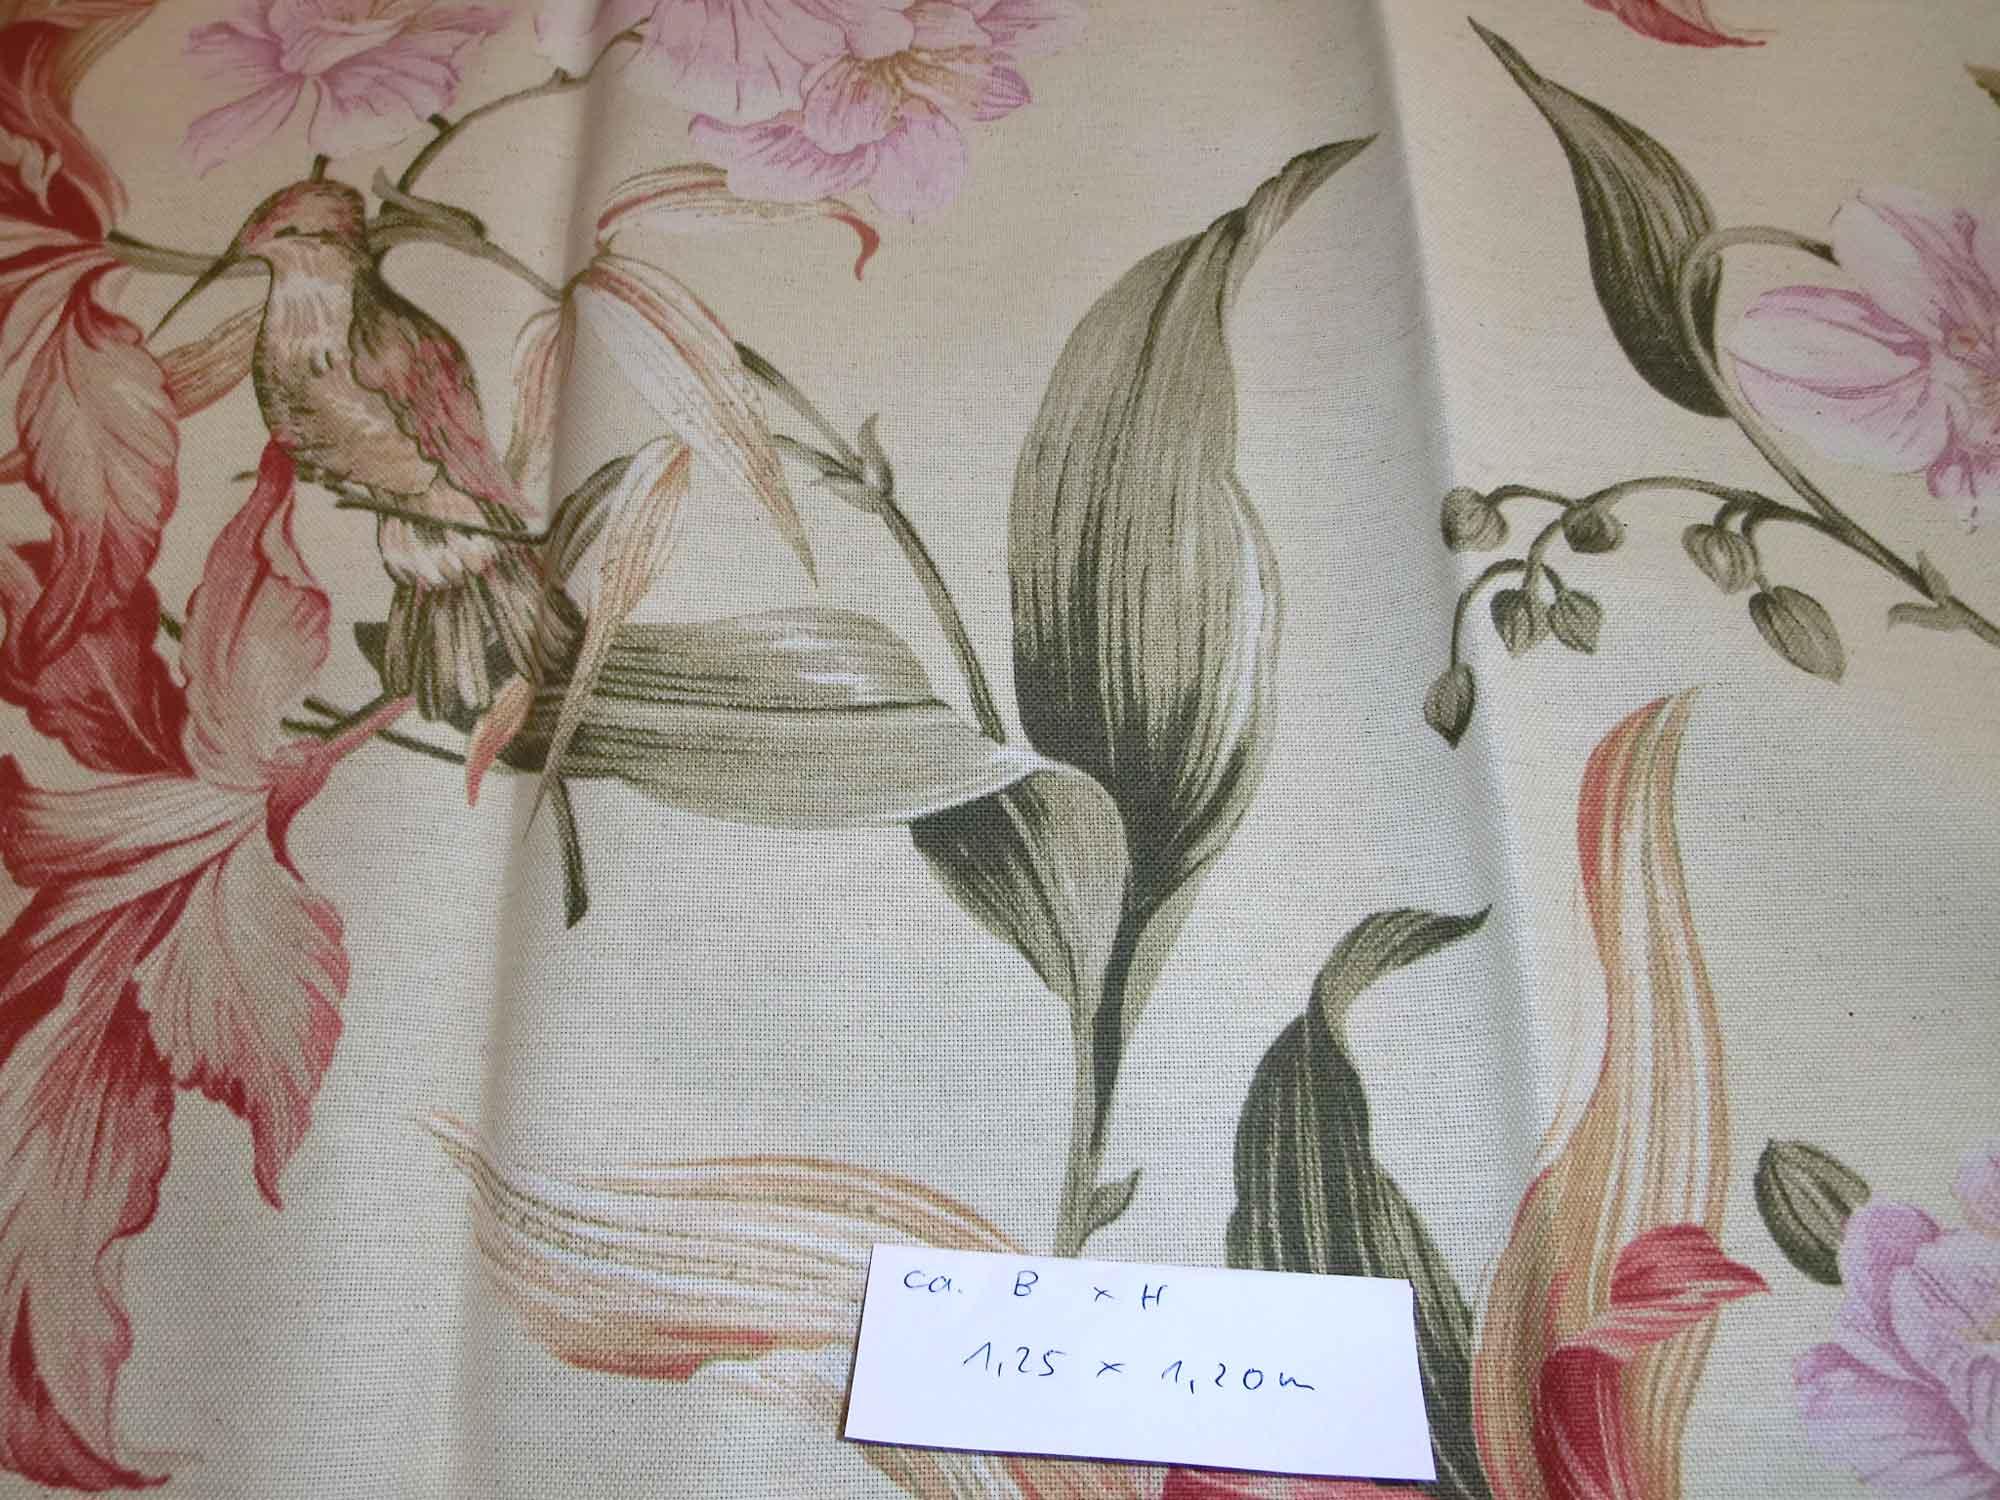 gardinen deko g nstig gardinenstoffe kaufen gardinen dekoration verbessern ihr zimmer shade. Black Bedroom Furniture Sets. Home Design Ideas